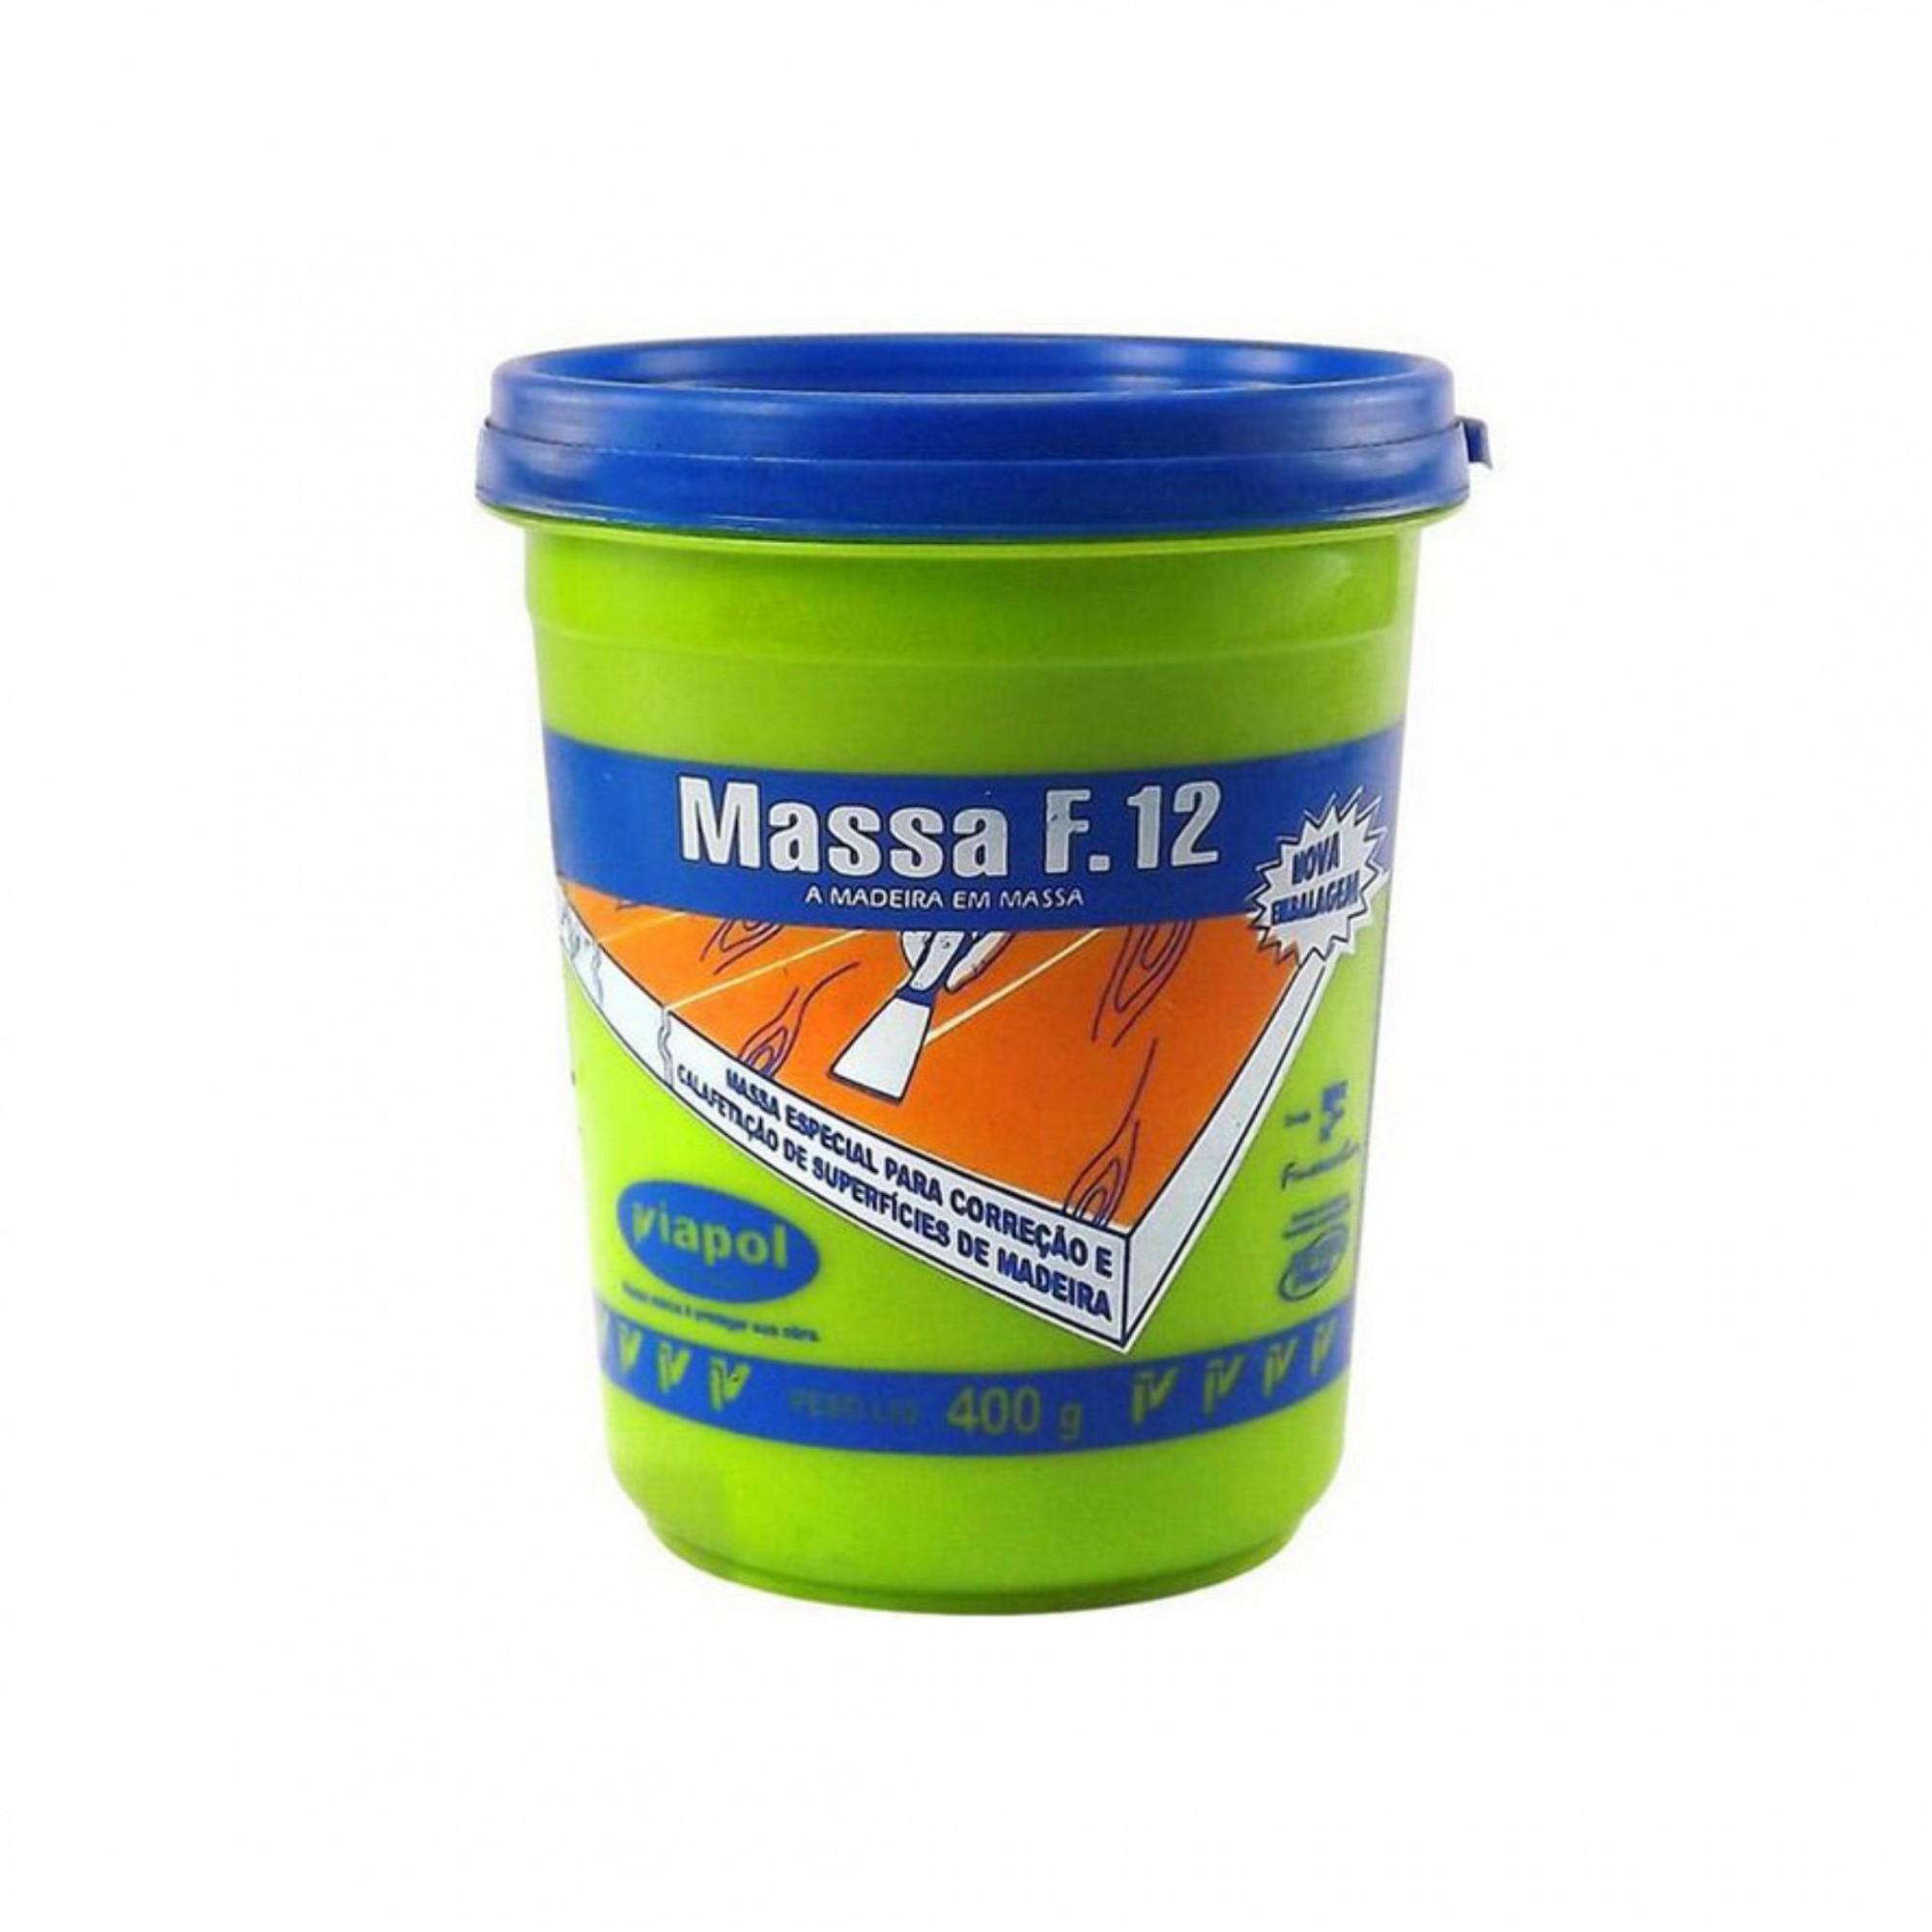 F12 Massa Para Madeira Marfim 400g Viapol